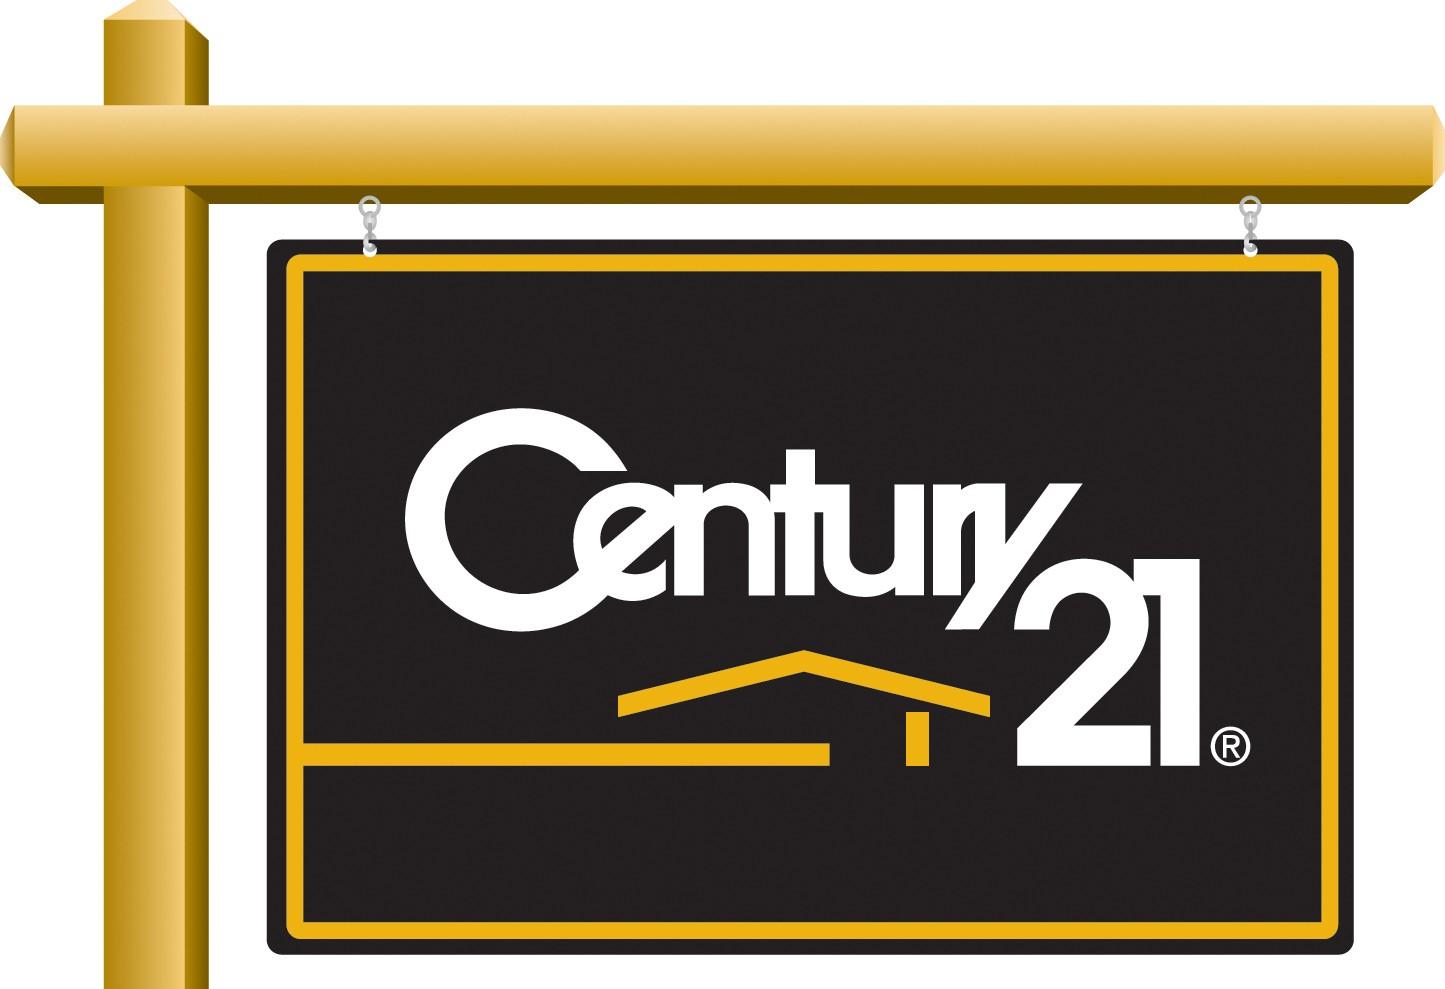 Century+21+Broker+Properti+Jual+Beli+Sewa+Rumah+Indonesia.jpg